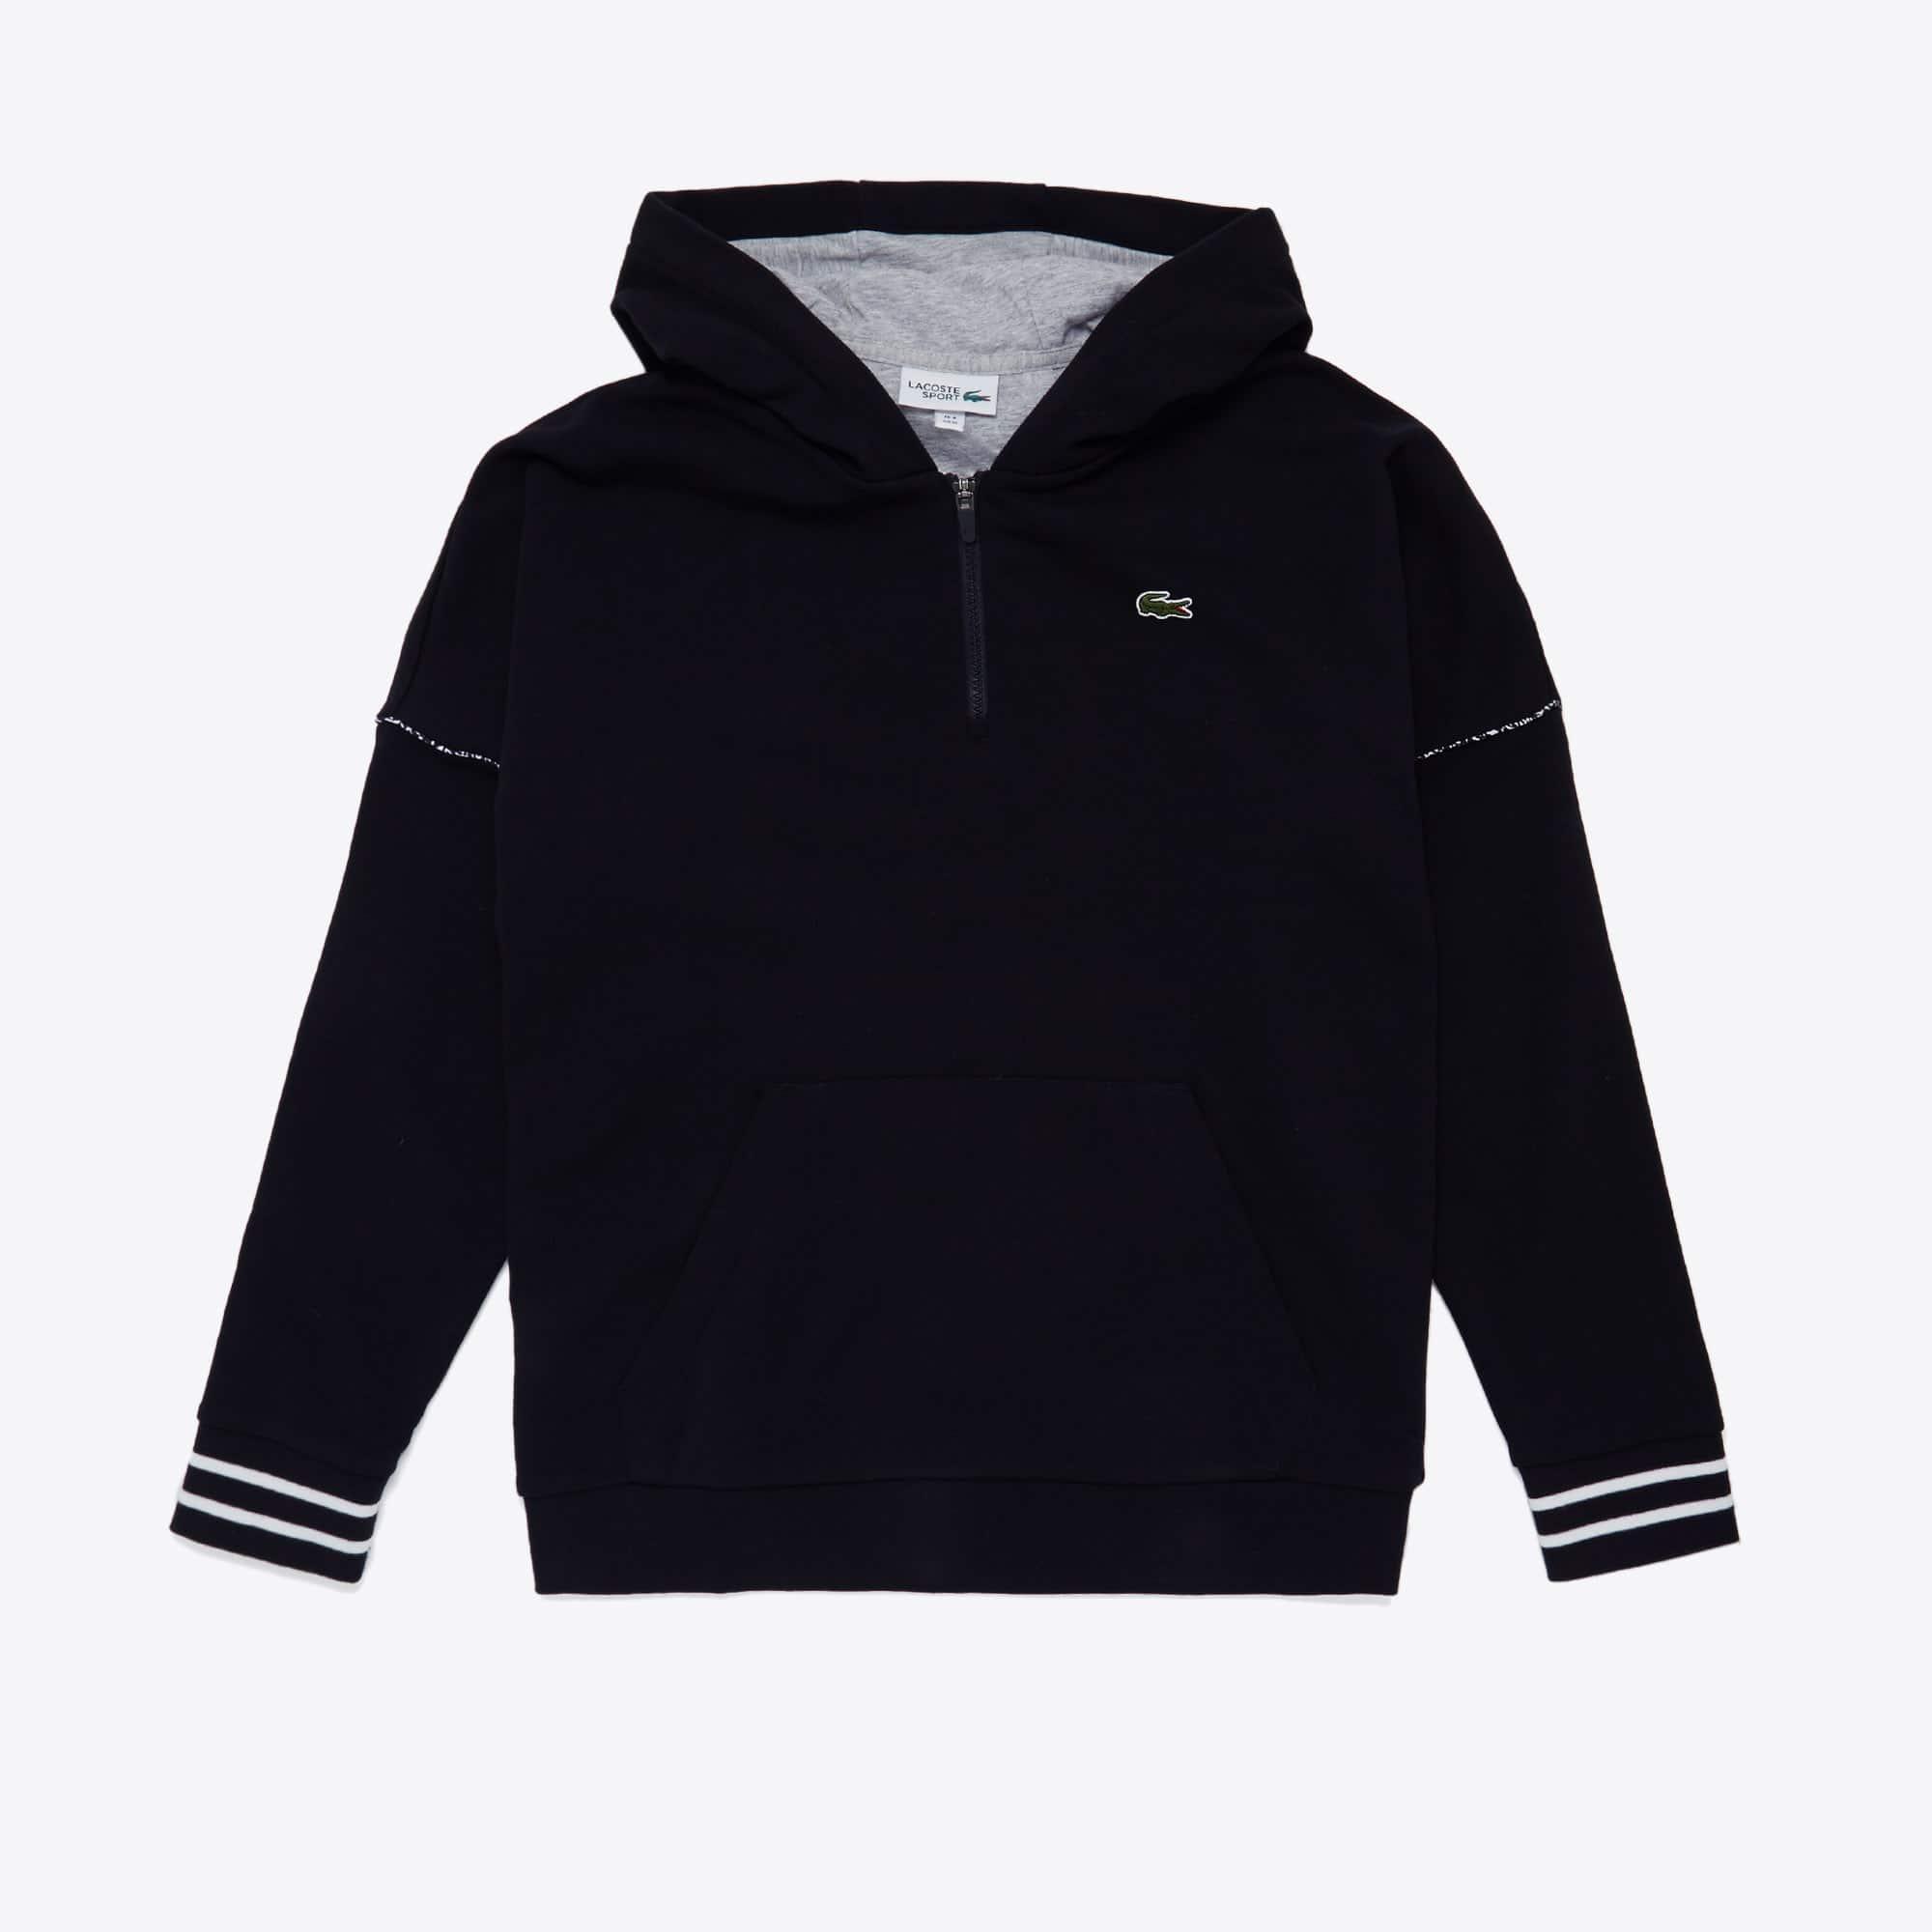 라코스테 스포츠 하프 집업 후드티 Lacoste Mens SPORT Contrast-Hood Fleece Sweatshirt,Black / Grey Chine / White / Black - SX4 (Selected